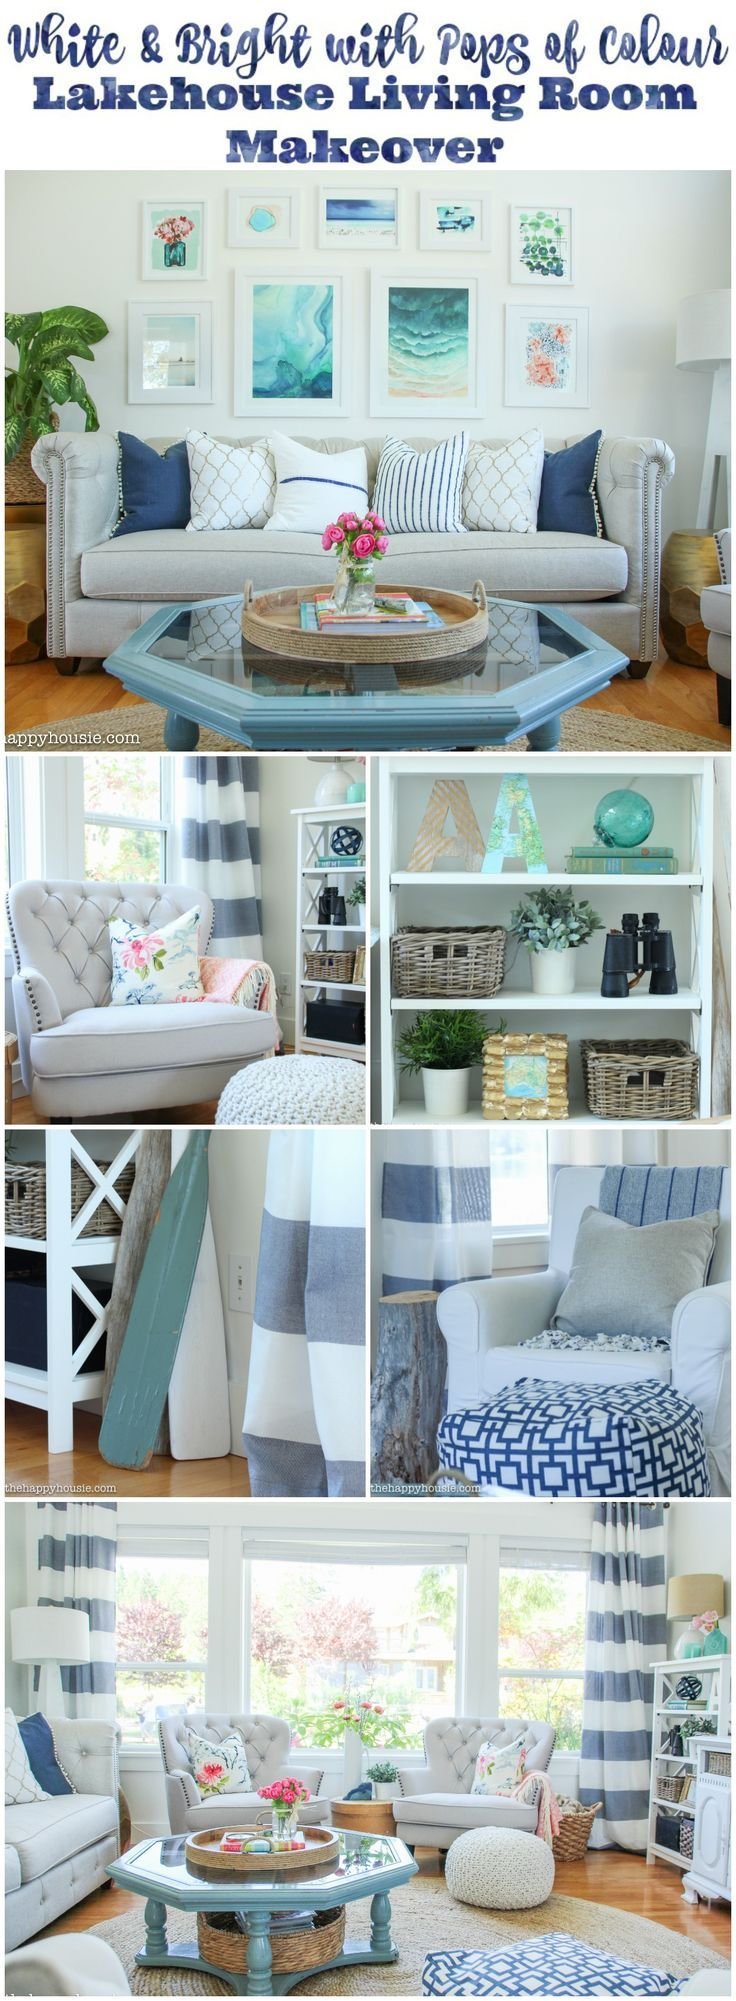 Lake house living room decor - Living Room Makeover Reveal